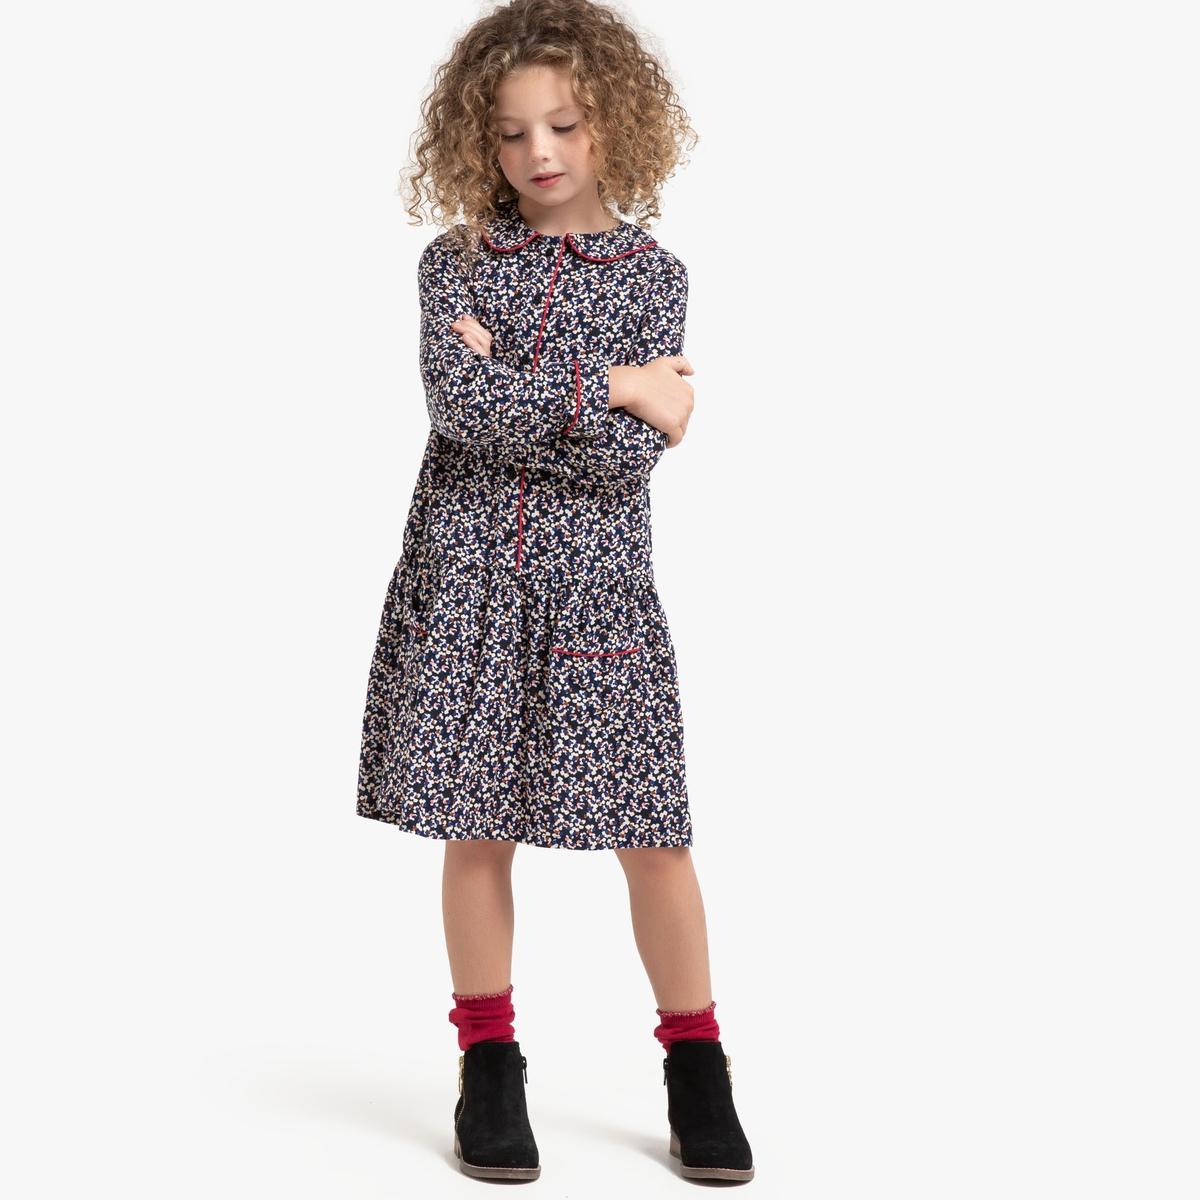 Платье La Redoute Струящееся с длинными рукавами с принтом 8 лет - 126 см другие юбка la redoute расклешенная с принтом 8 лет 126 см другие